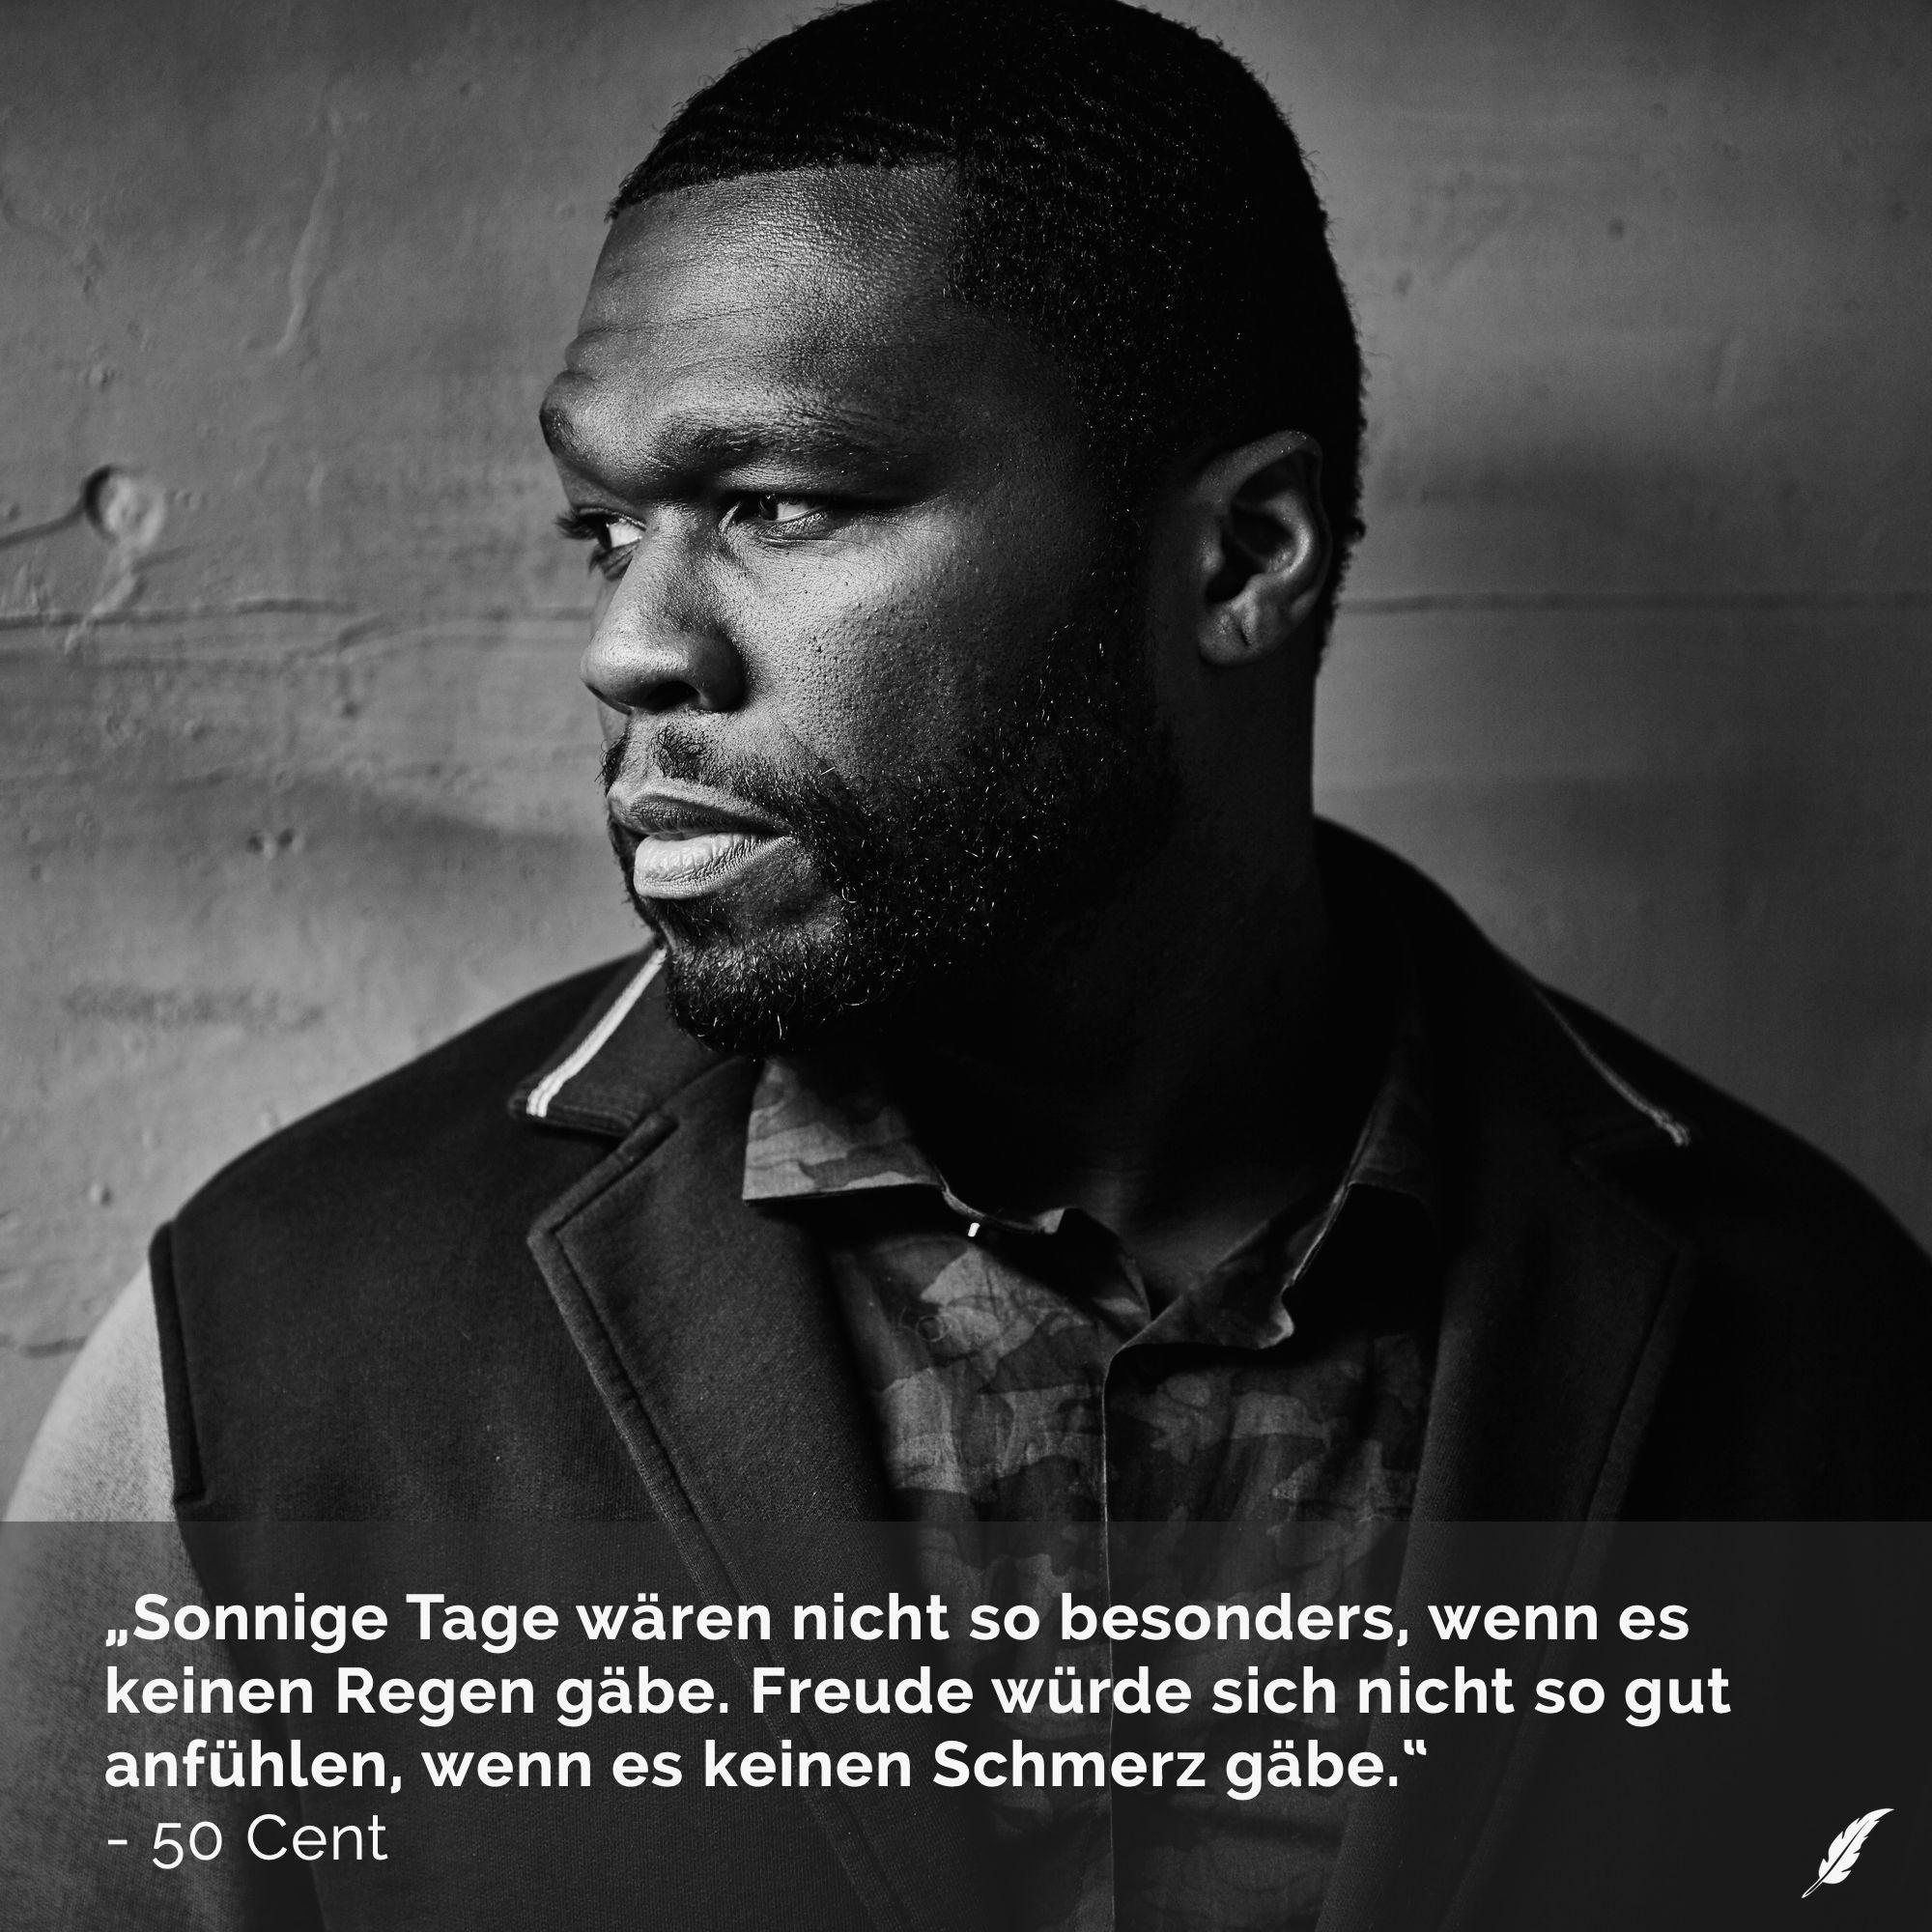 50 Cent Ist Nicht Nur Ein Berühmter Rapper Sondern Auch